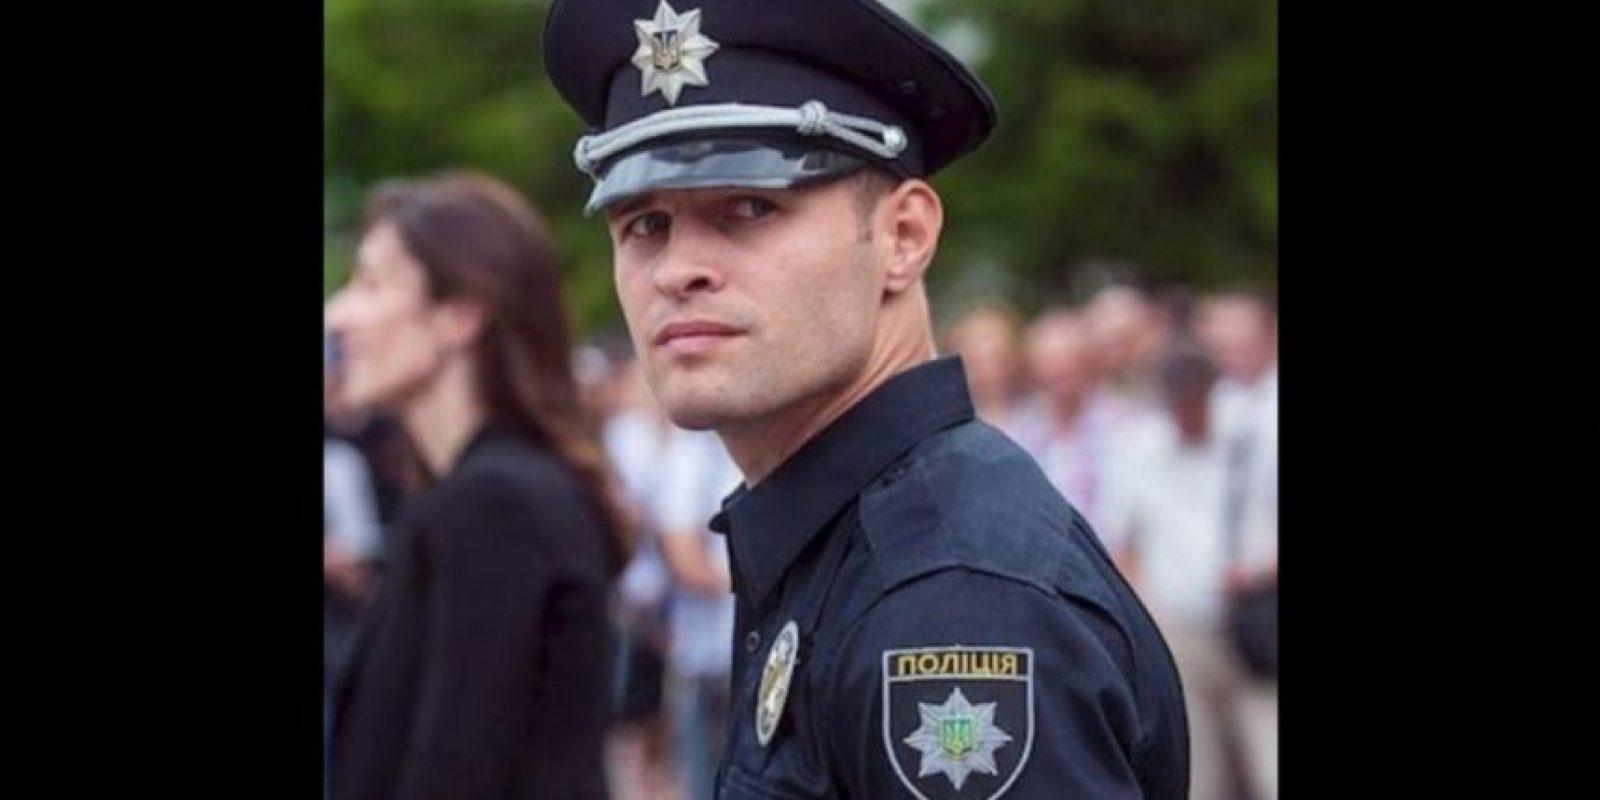 5. Los más guapos policías de Ucrania Foto:Vía Twitter. Imagen Por: